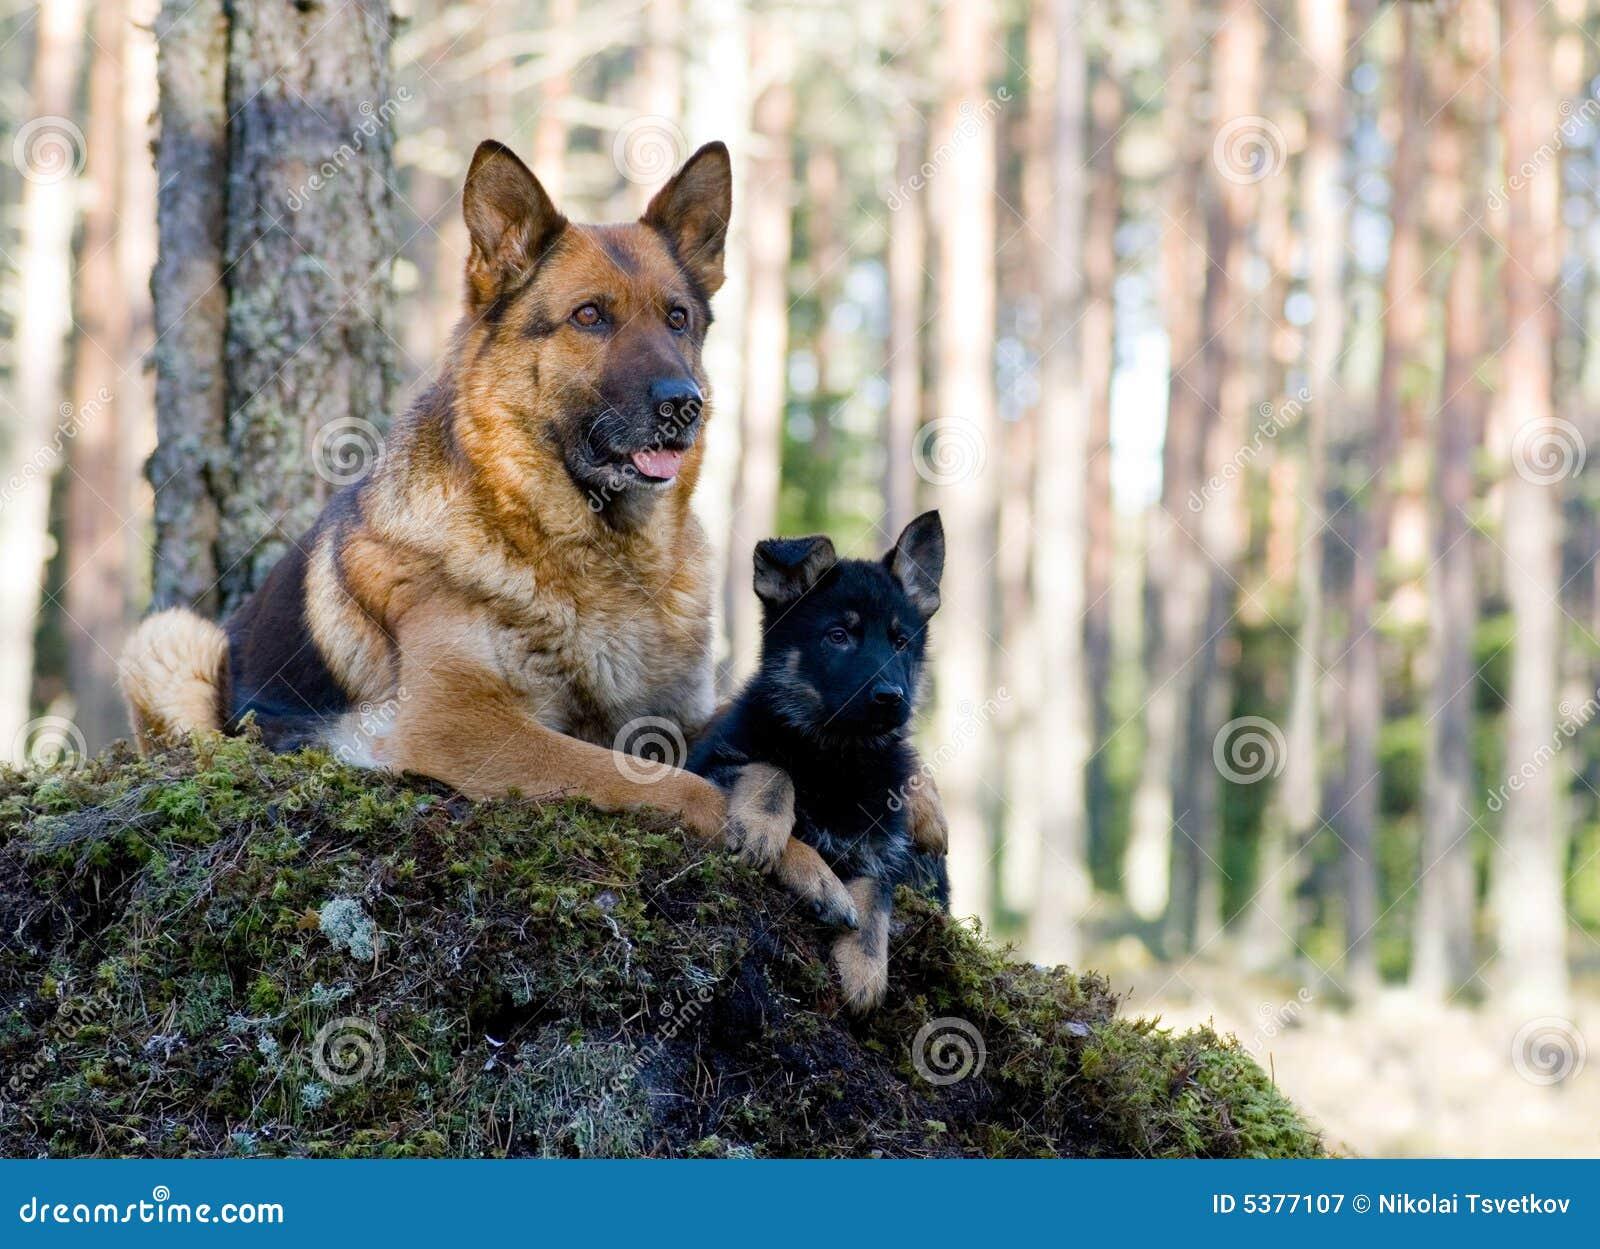 Perro pastor de Alemania con el perrito